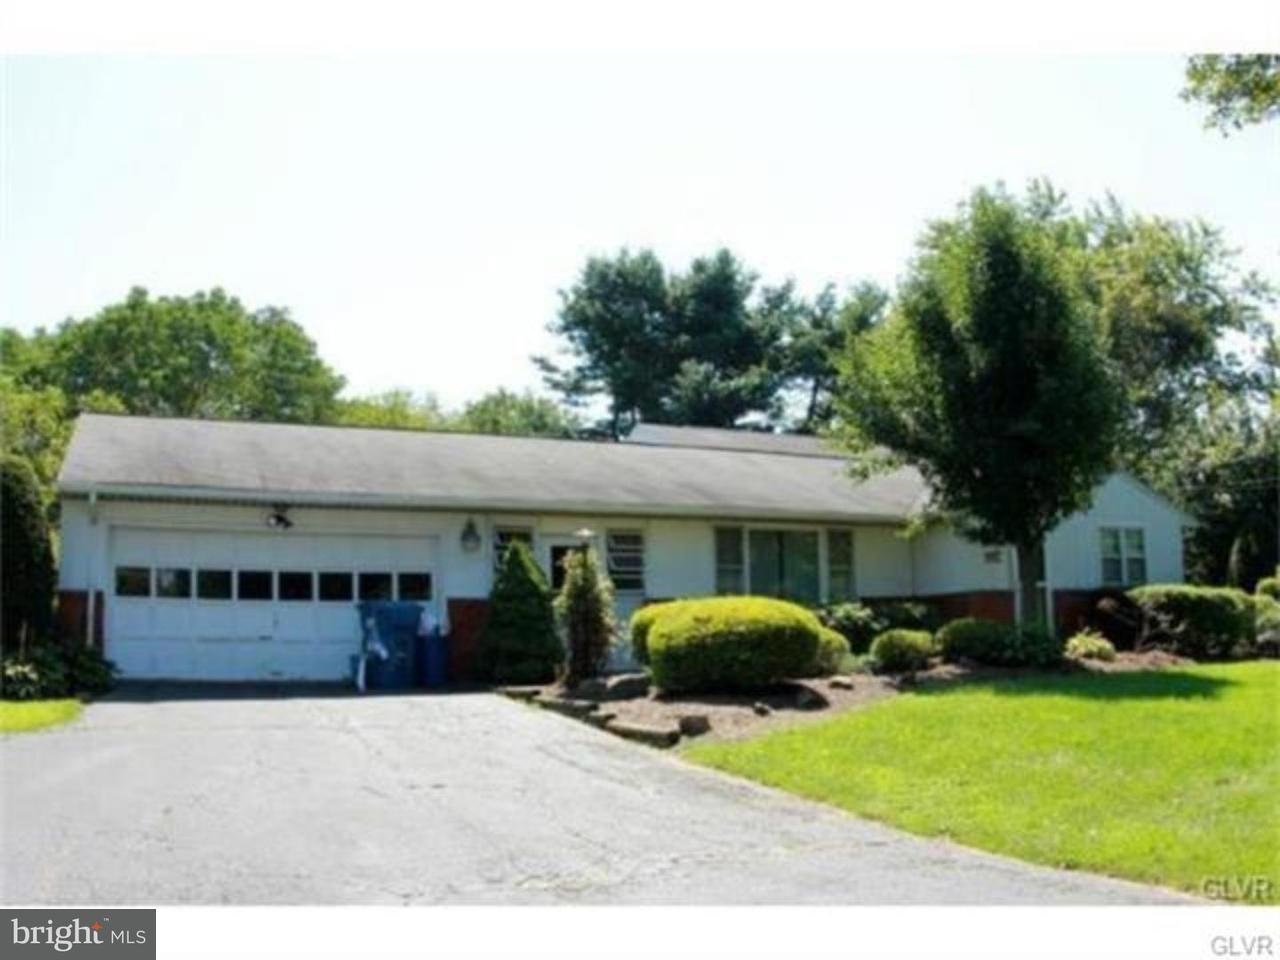 独户住宅 为 出租 在 2385 MILL HILL Road 夸克敦, 宾夕法尼亚州 18951 美国